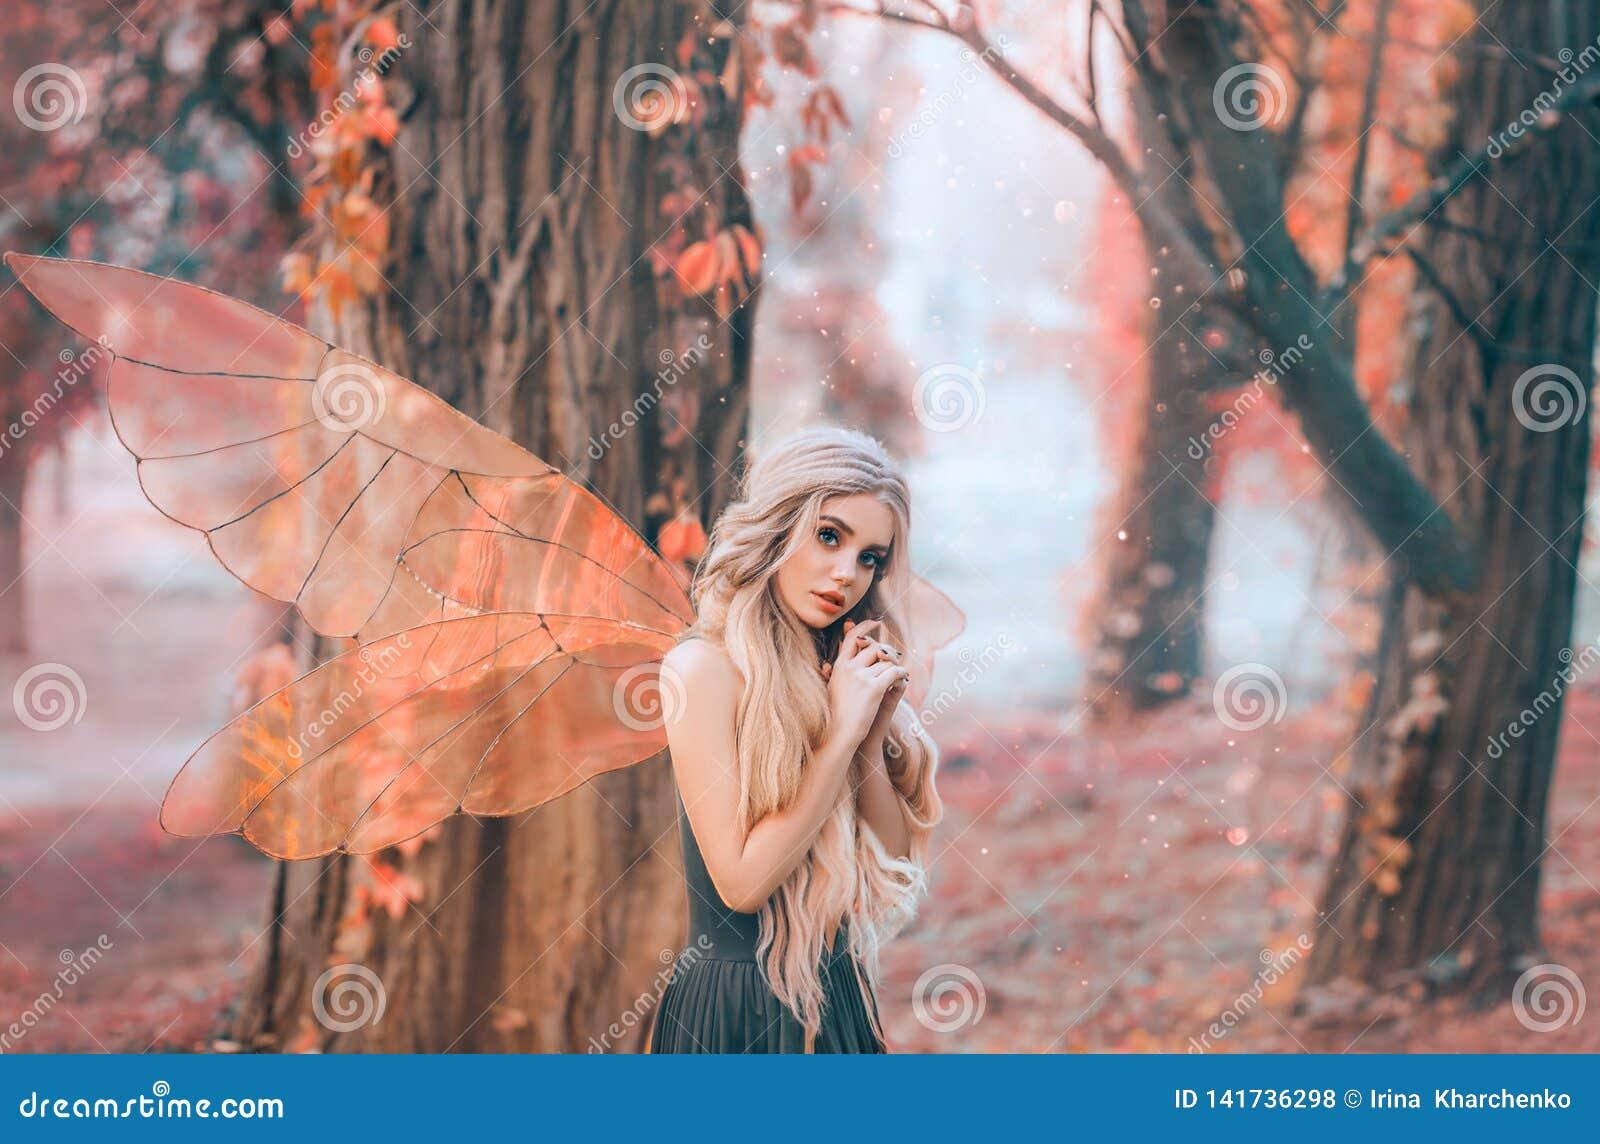 La foto brillante del verano con los rayos brillantes del sol, hada misteriosa del bosque cayó en amor con el príncipe, muchacha